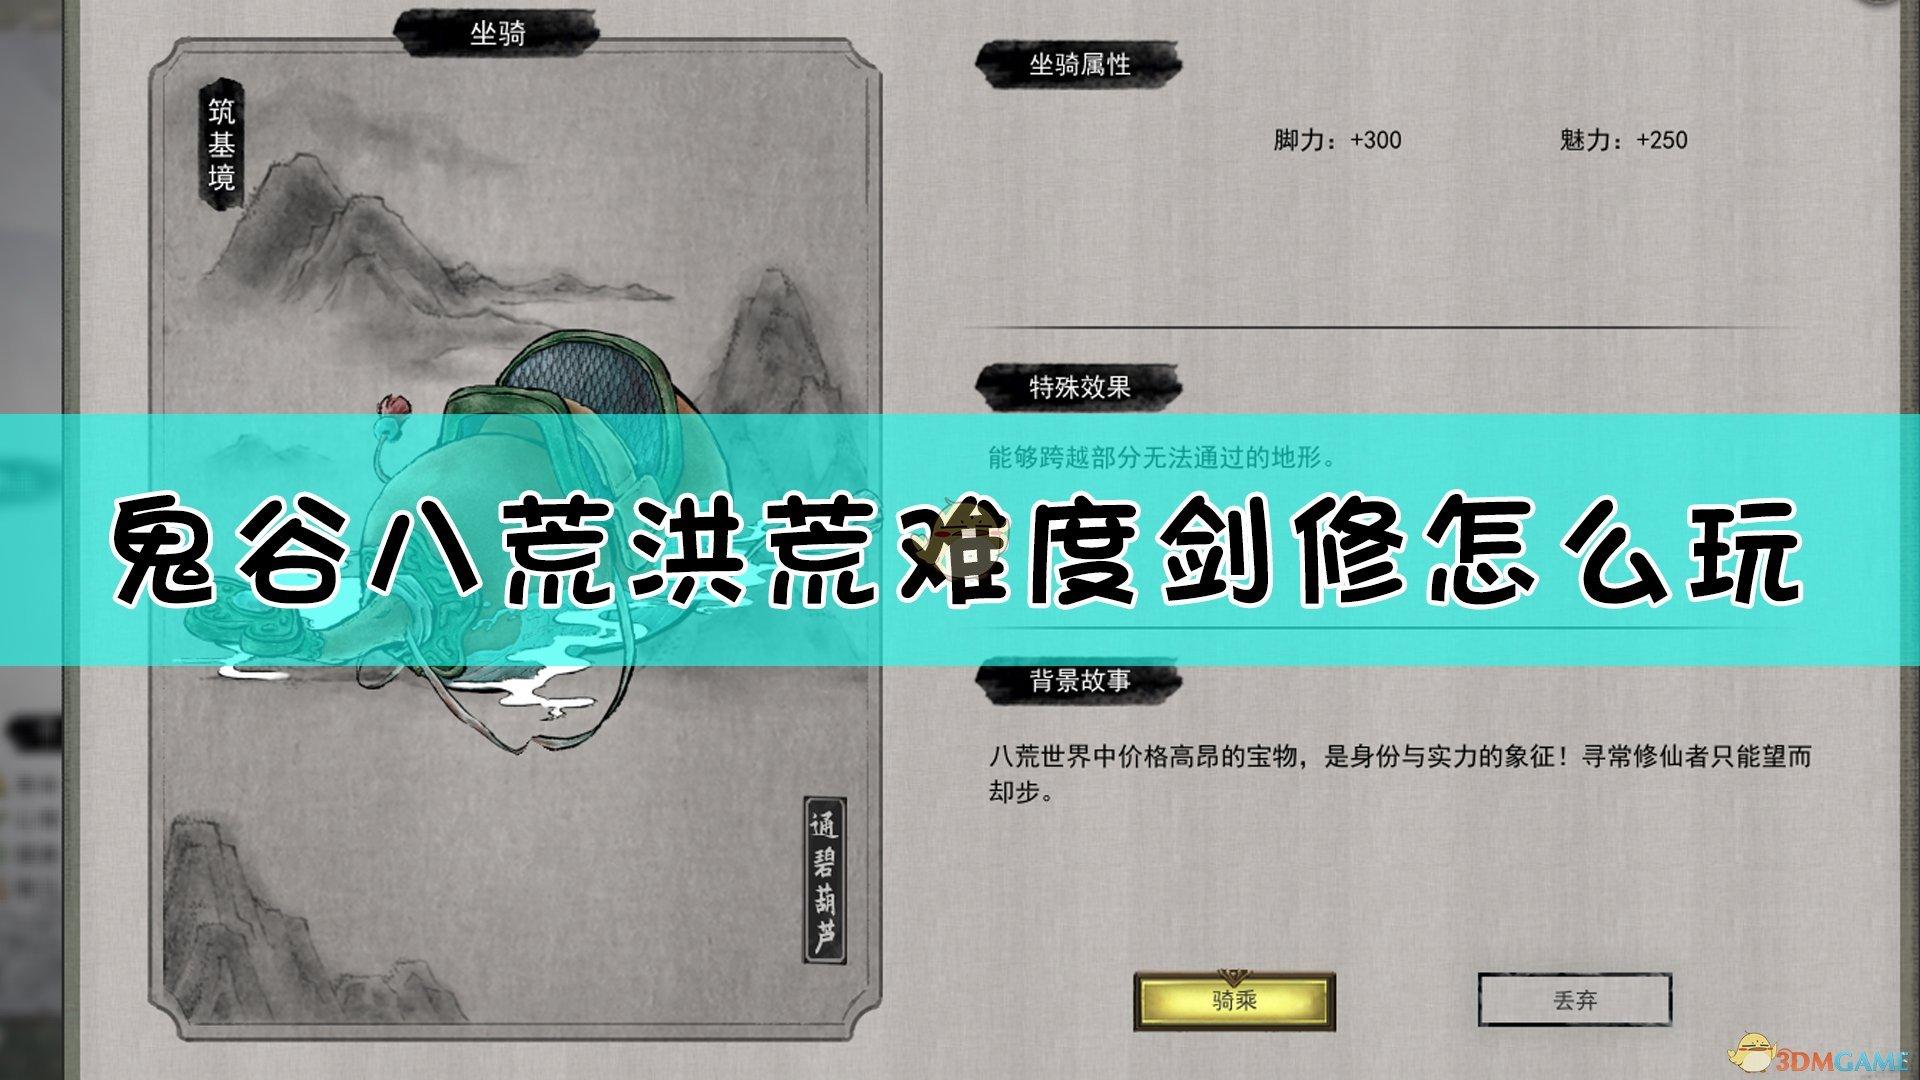 《鬼谷八荒》洪荒難度劍修玩法詳細介紹